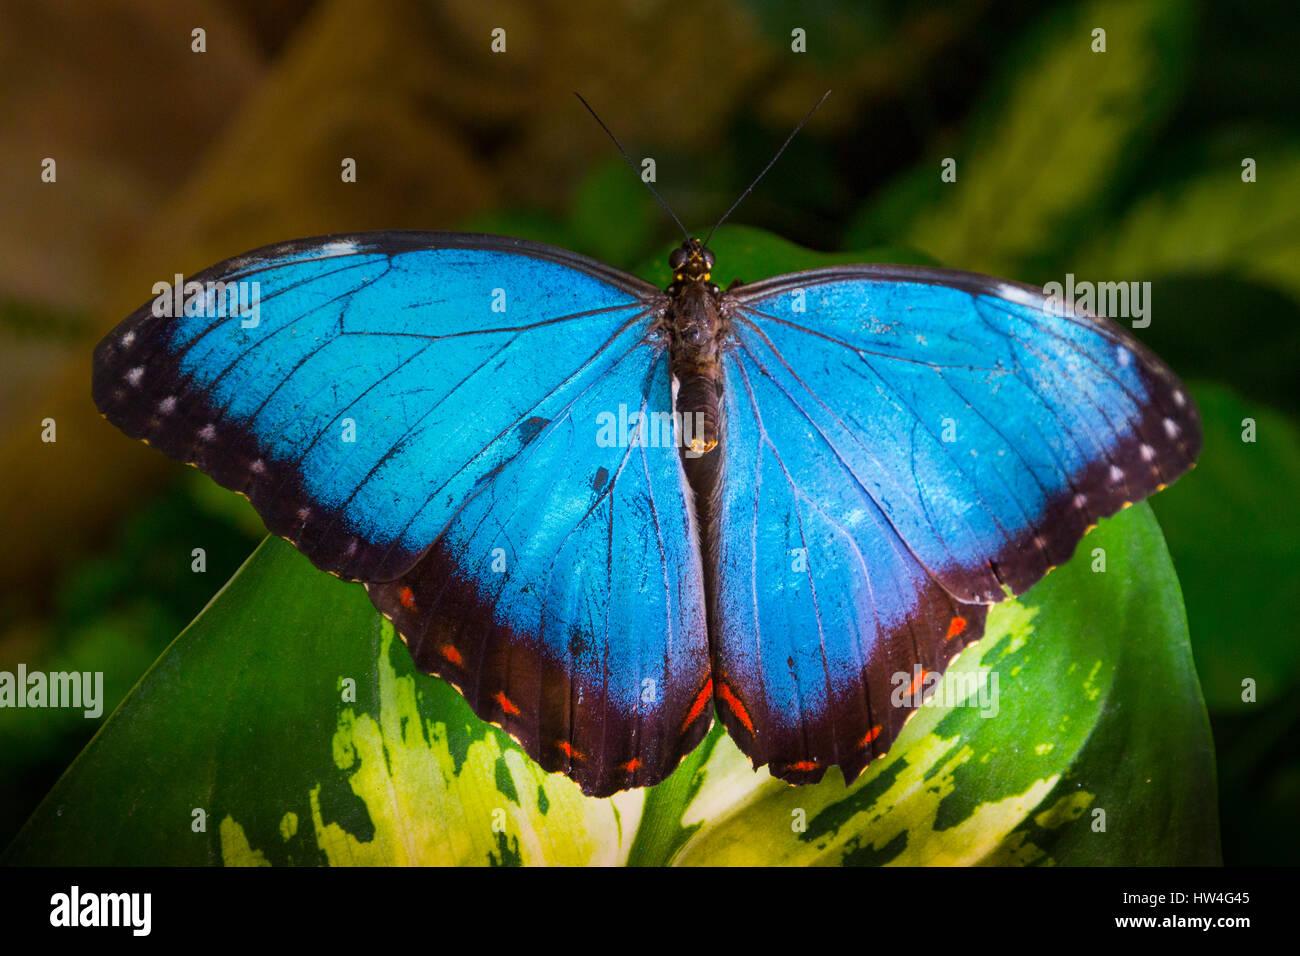 Mariposa Morpho azul relajante en una hoja. El Parque de las mariposas de Benalmadena, Costa del Sol, Málaga, Imagen De Stock